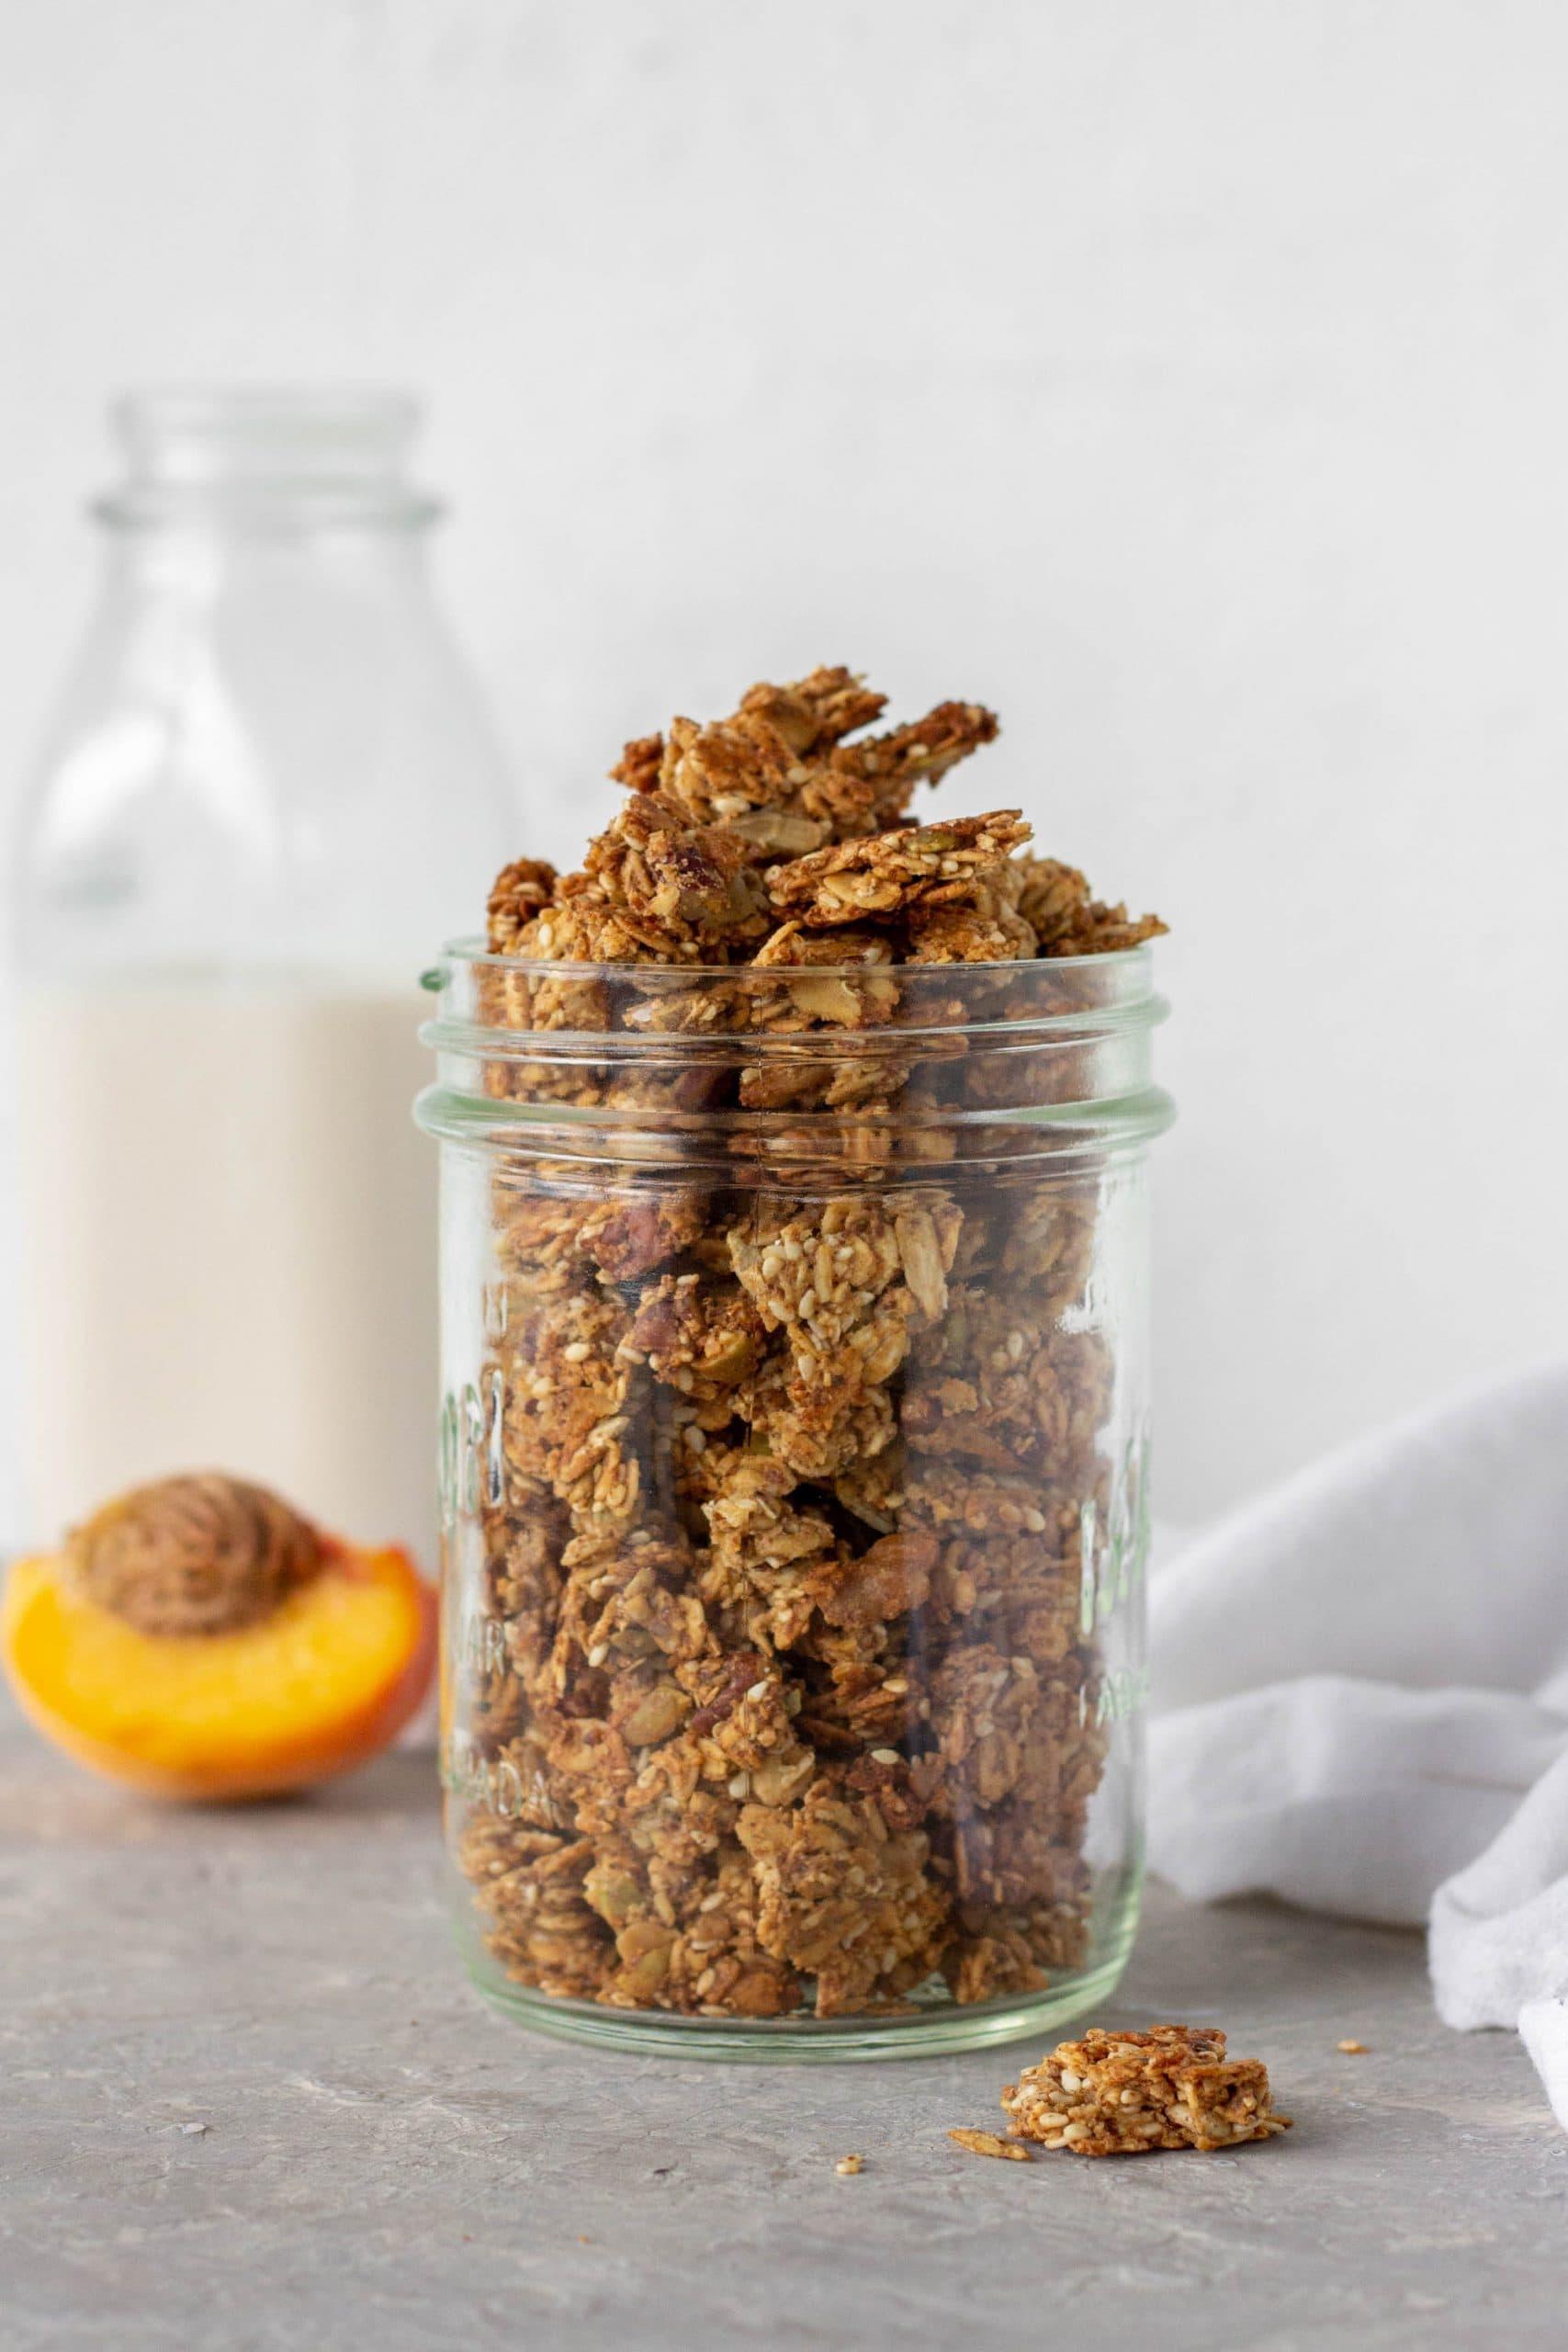 homemade almond butter granola in a glass jar